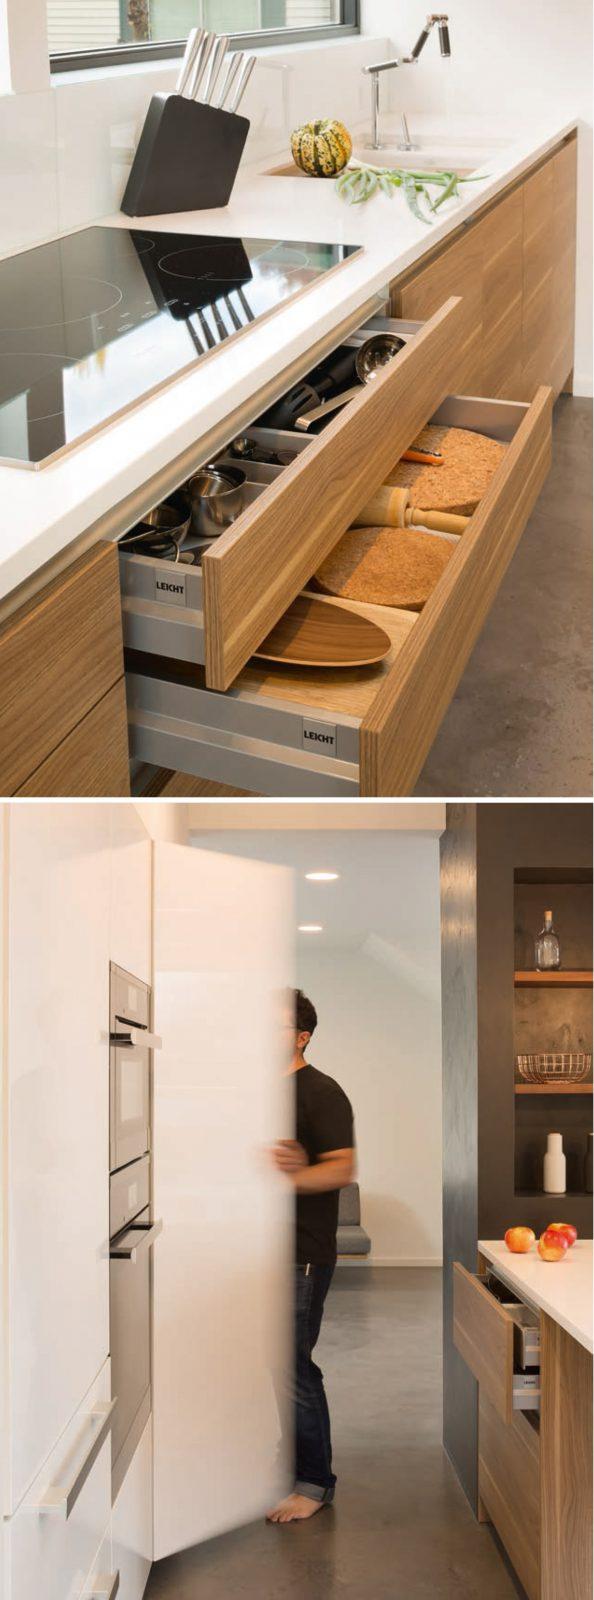 Arquitectura Cocina Minimalismo L Mite En Seattle Zelari Es # Muebles Cocina Zelari Nuzzi